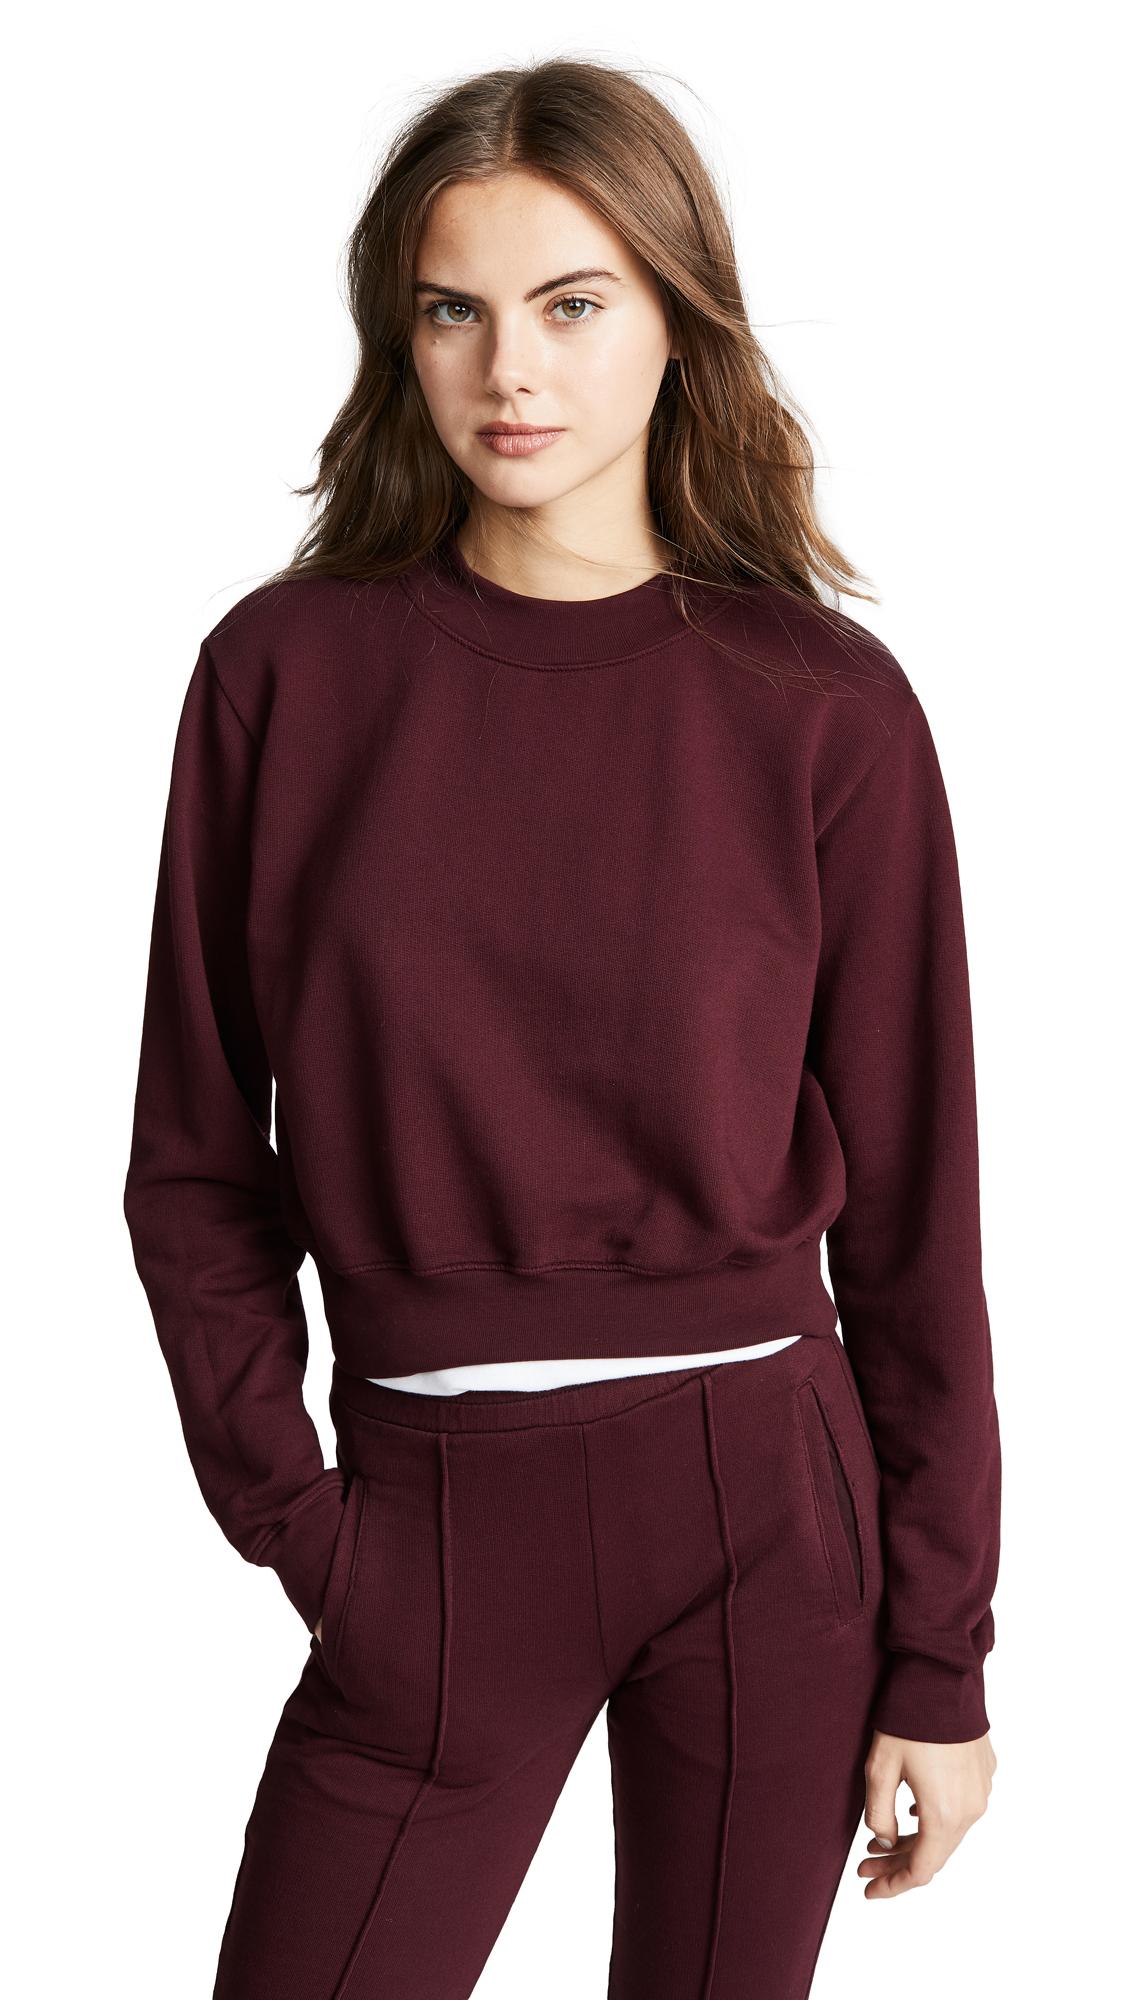 Milan Cropped Cotton-Jersey Sweatshirt in Sangria